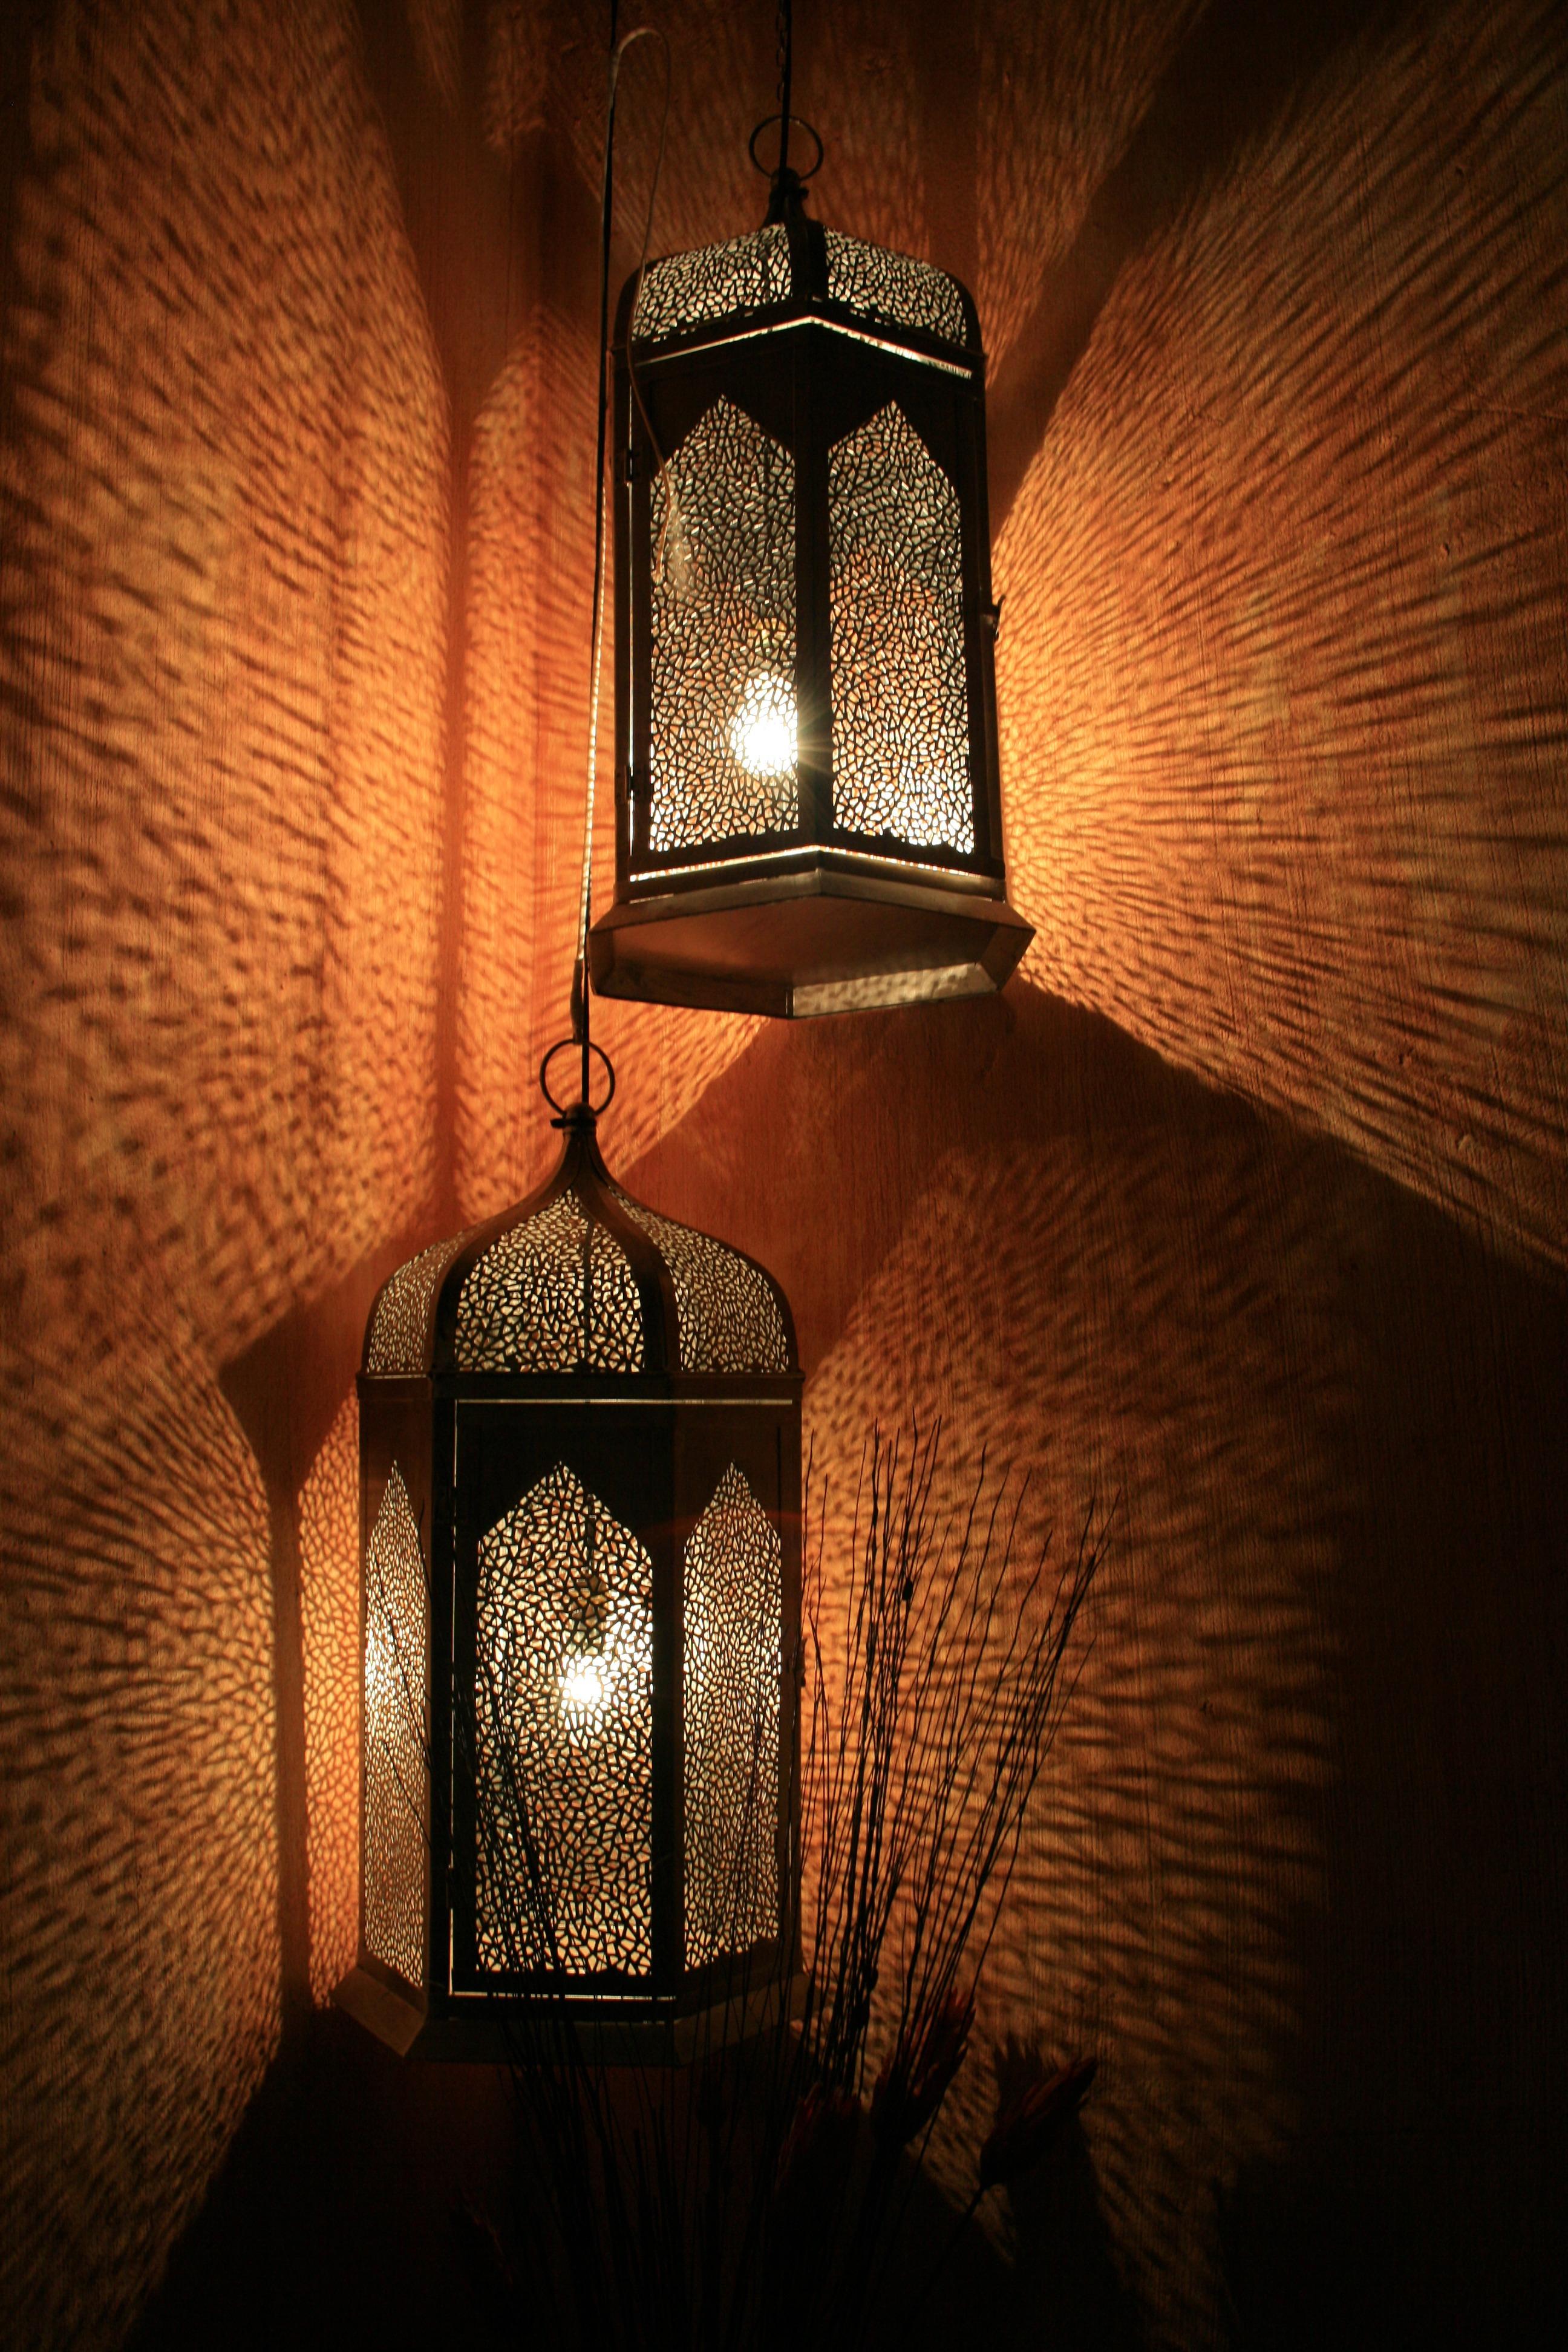 Kostenlose Foto Nacht Innere Fenster Mauer Decke